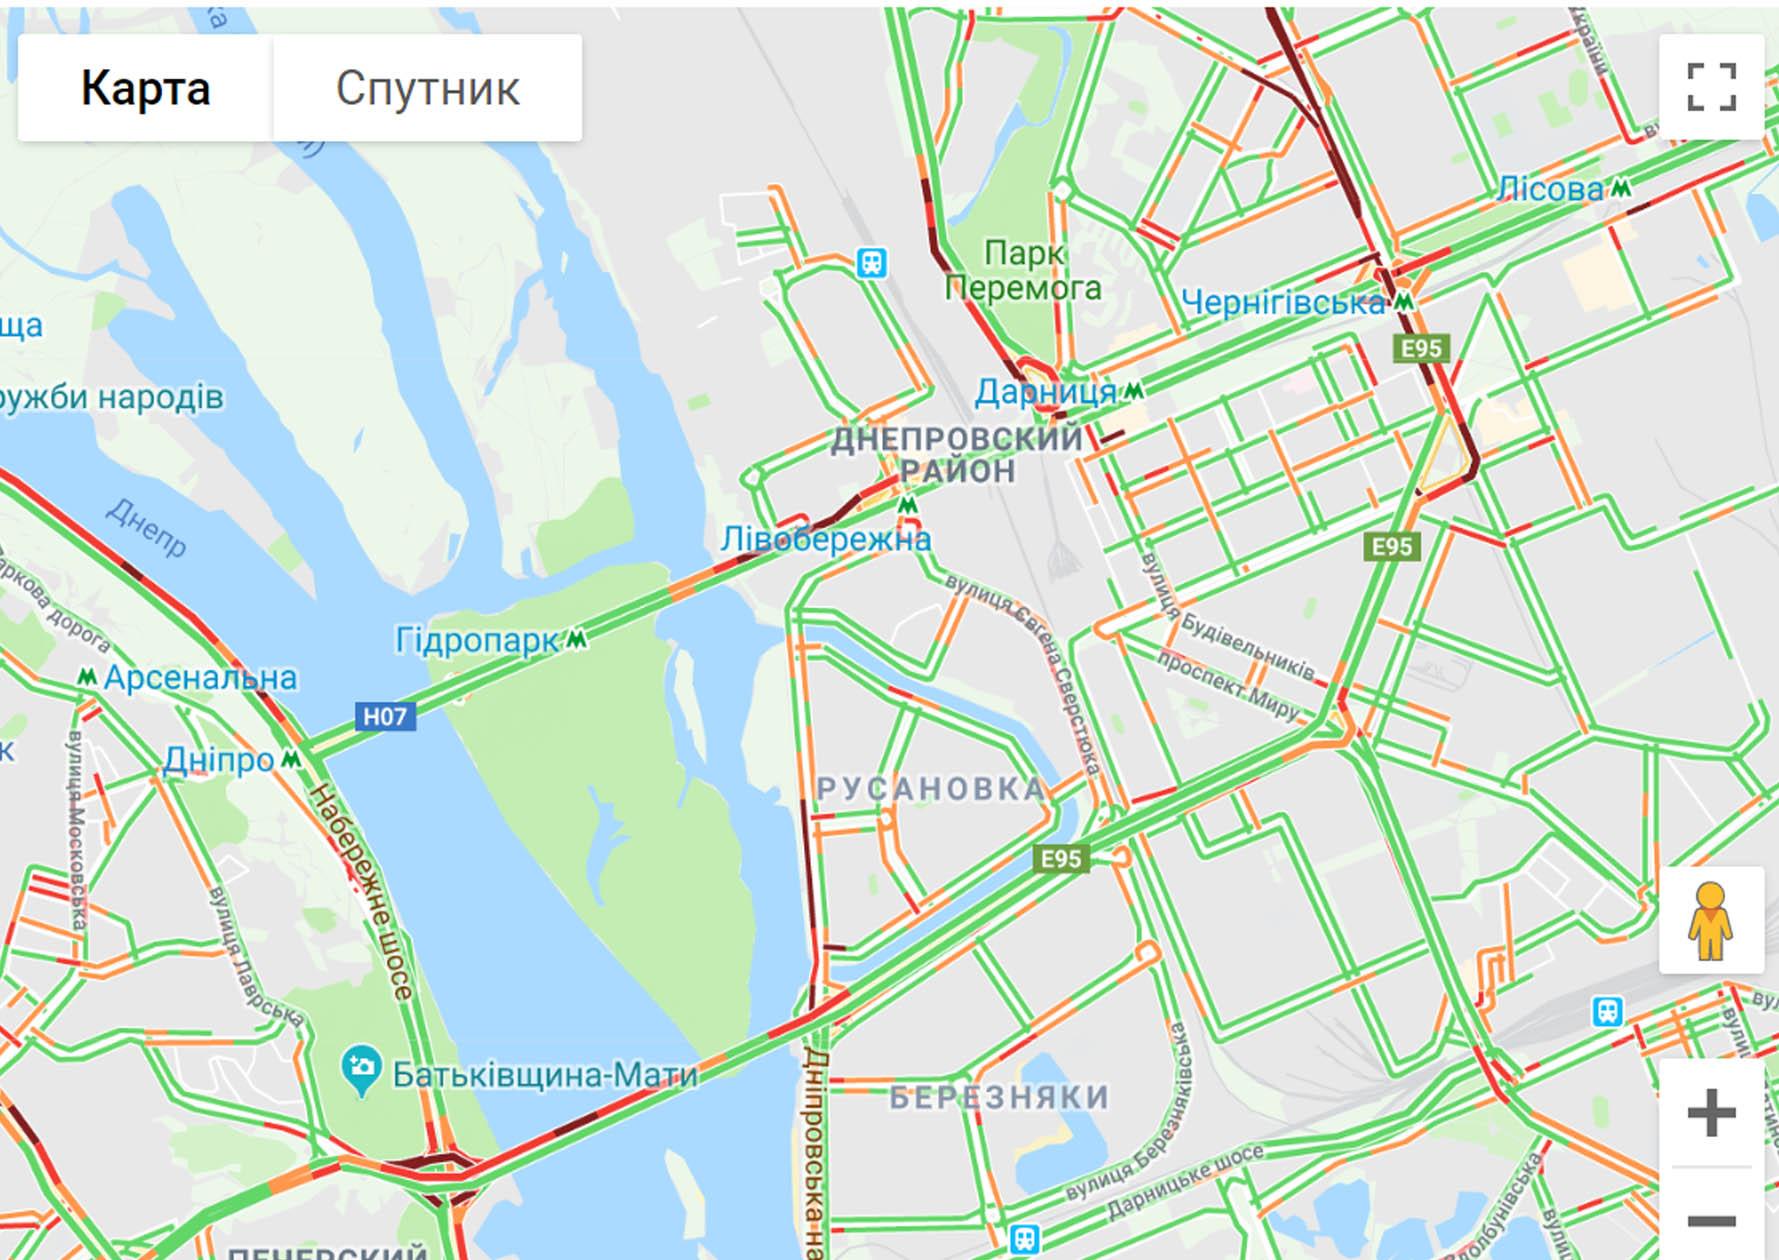 """Затори в Києві: які вулиці """"зупинилися"""" -  - 489ghkmnb"""